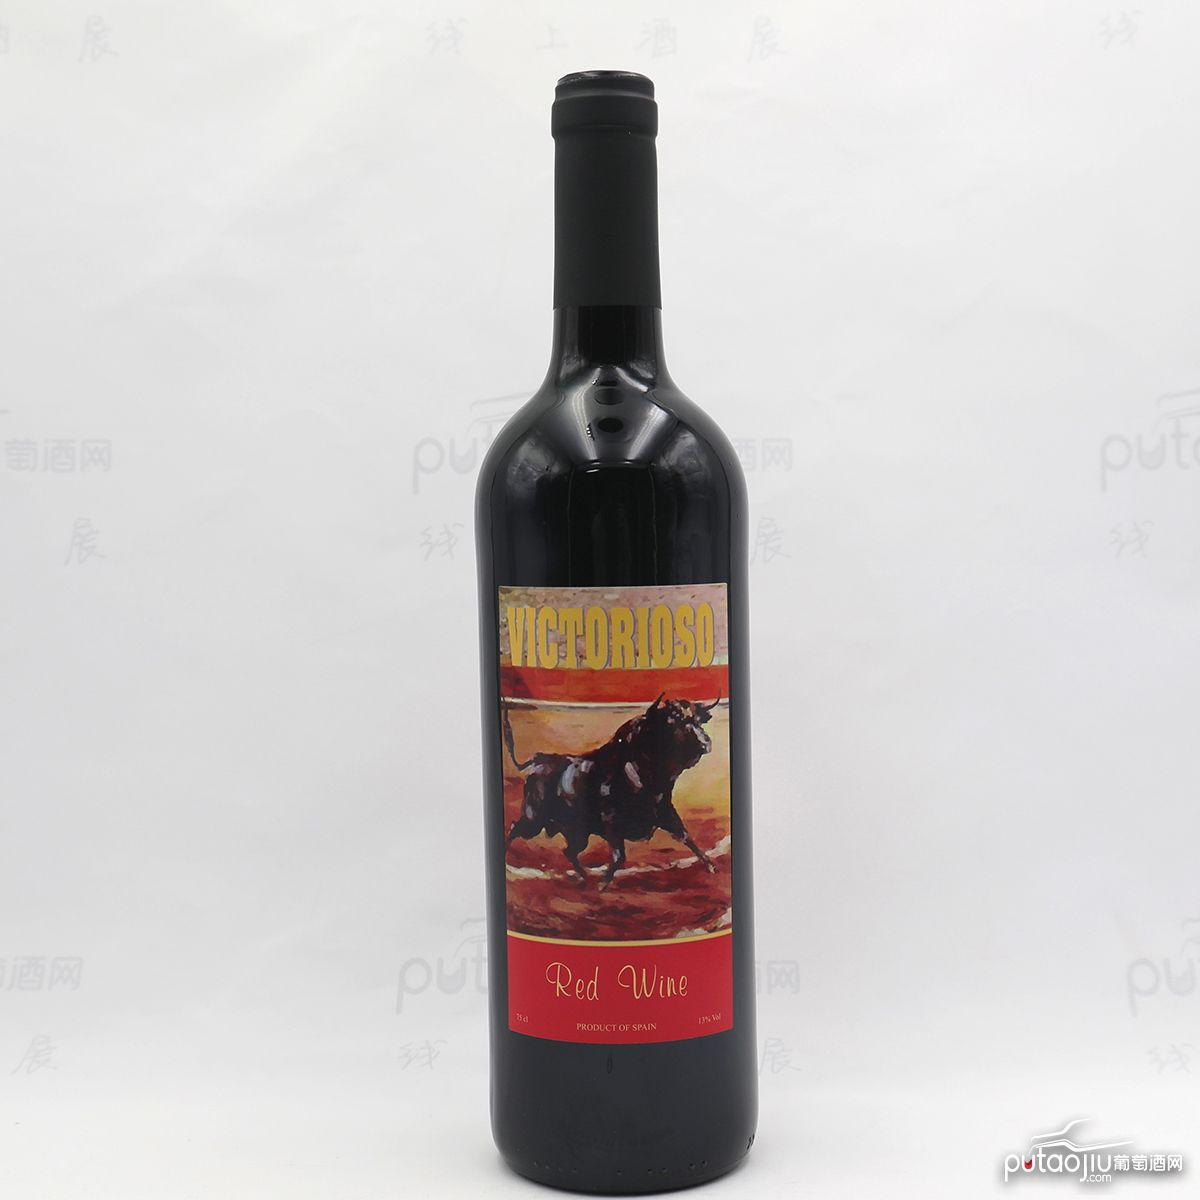 西班牙加利西亚产区MONTERREI家族丹魄斗牛士VDLT干红葡萄酒